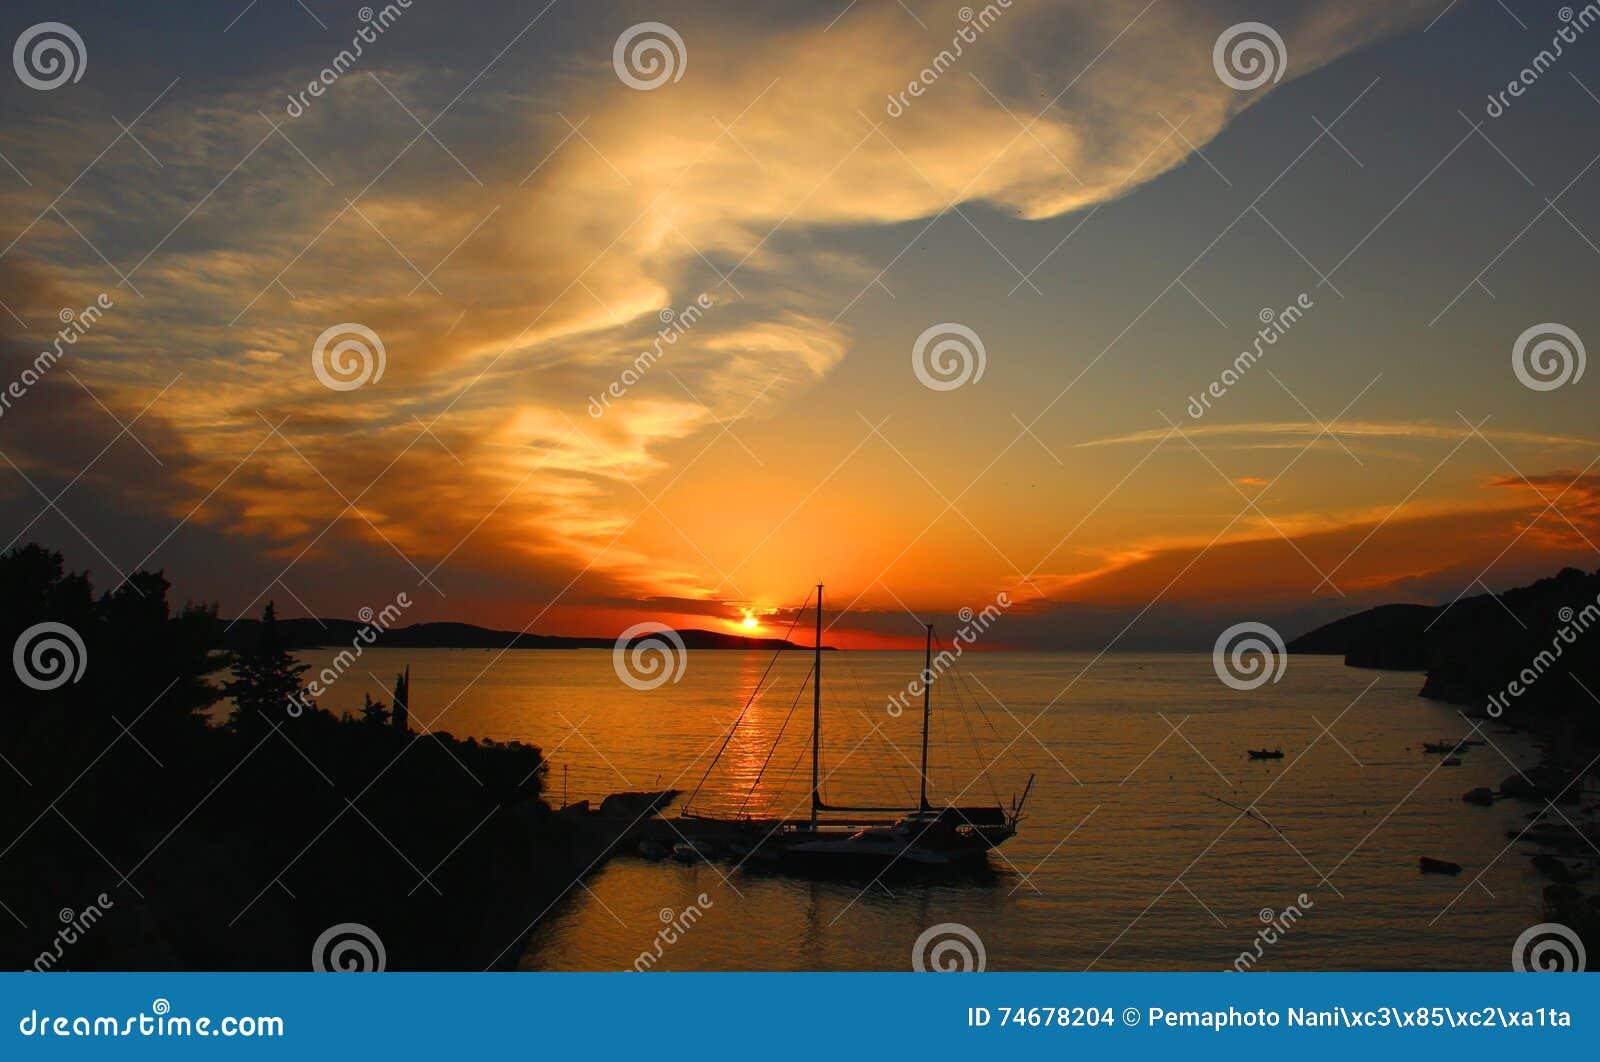 Clipper in Sunset